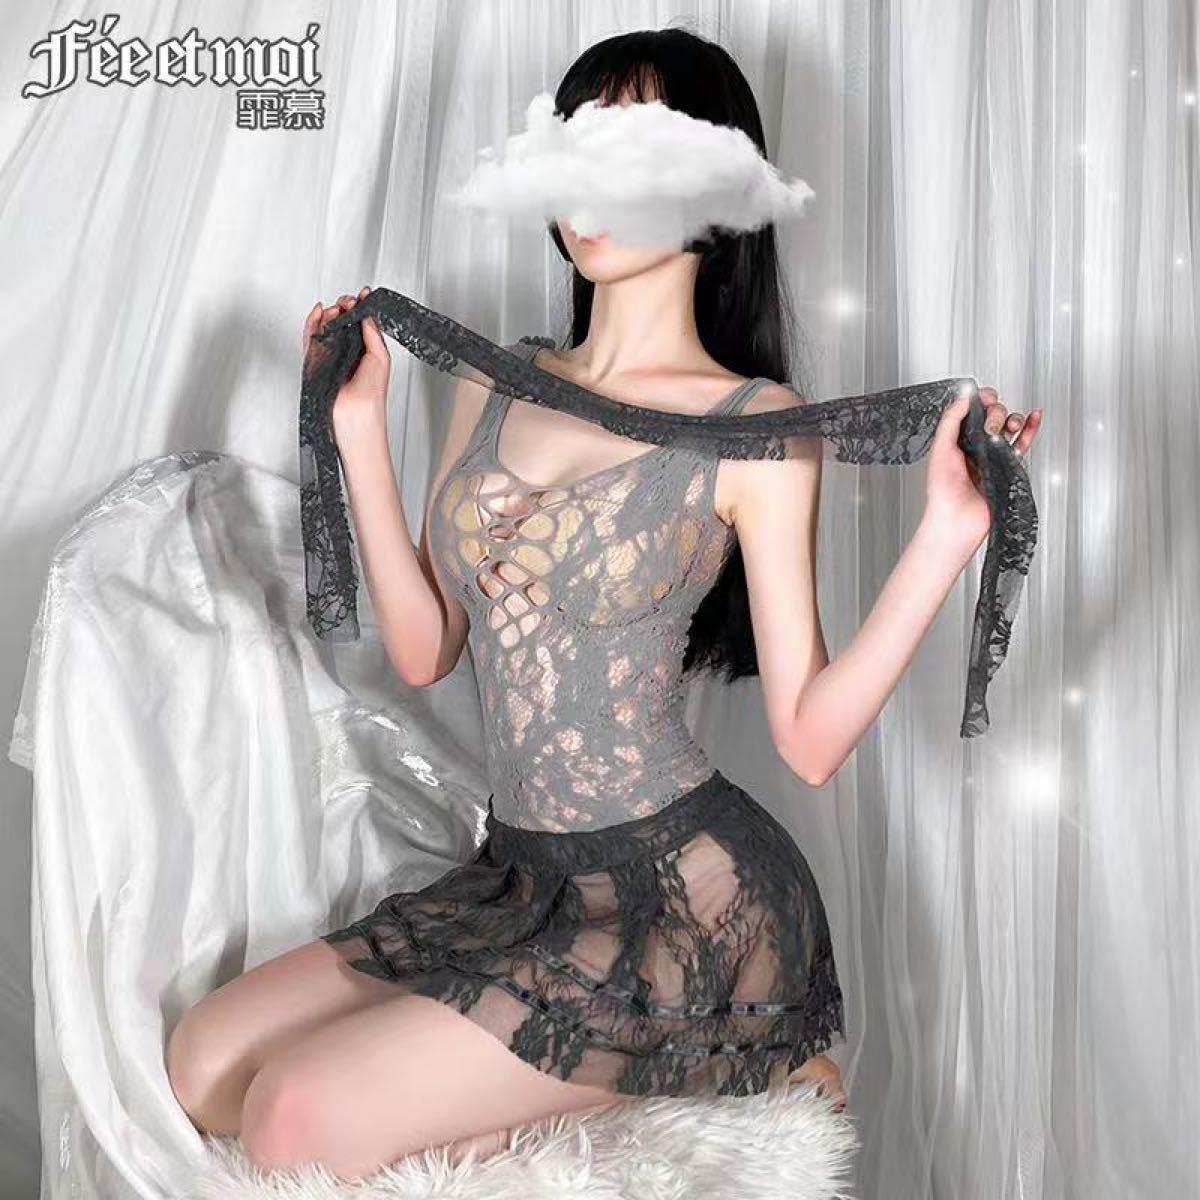 セクシーランジェリー コスプレ衣装 透け透け 花柄